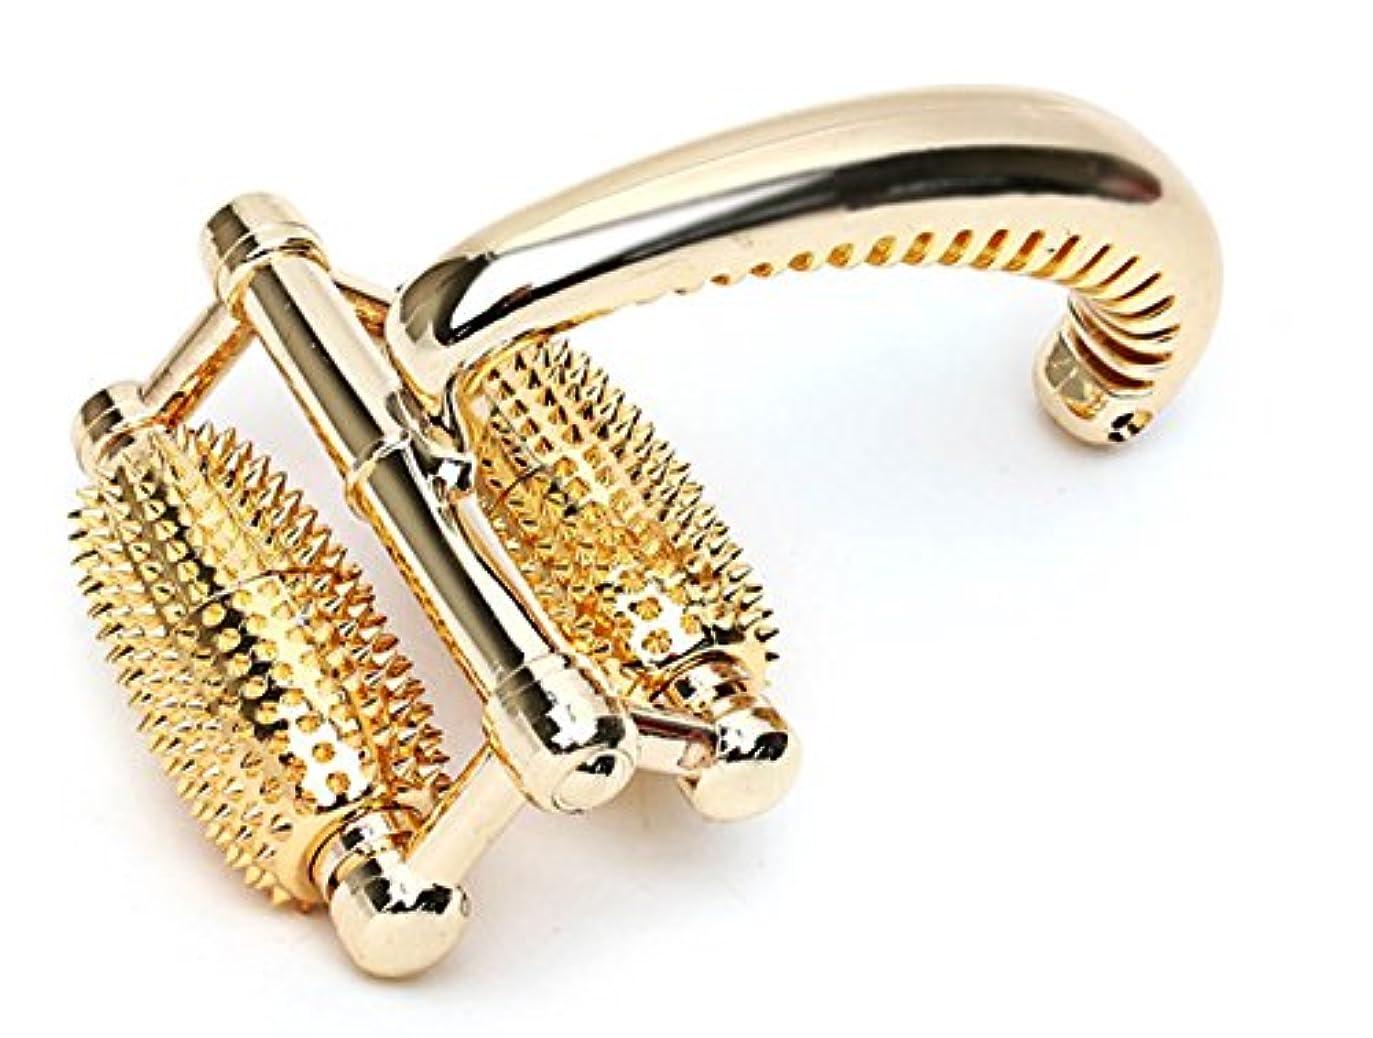 疼痛リス芽SungjinABLE 金針ローラー 全身マッサージ器 ローラ 経穴点 指圧マッサージ機 手のひら 足 肩 首 アンマ機 海外直送品 (Gold Full Body Roller Massager Acupressure...